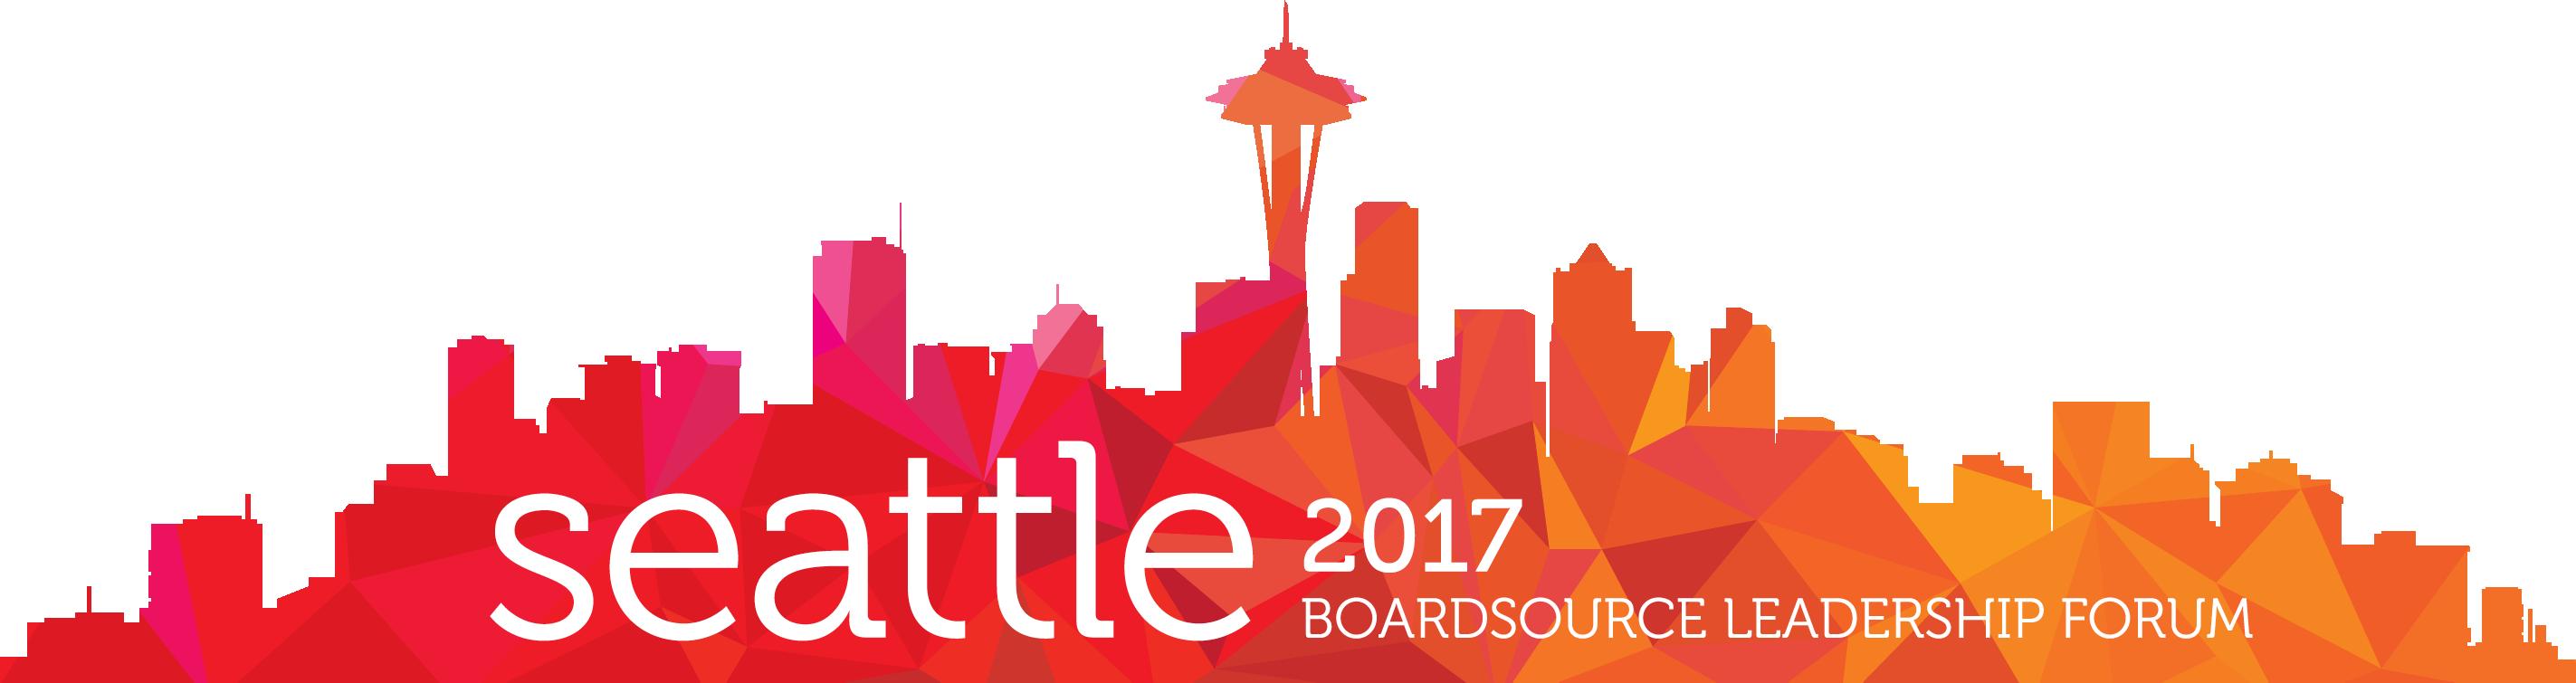 LOGO-Seattle2017-large.png